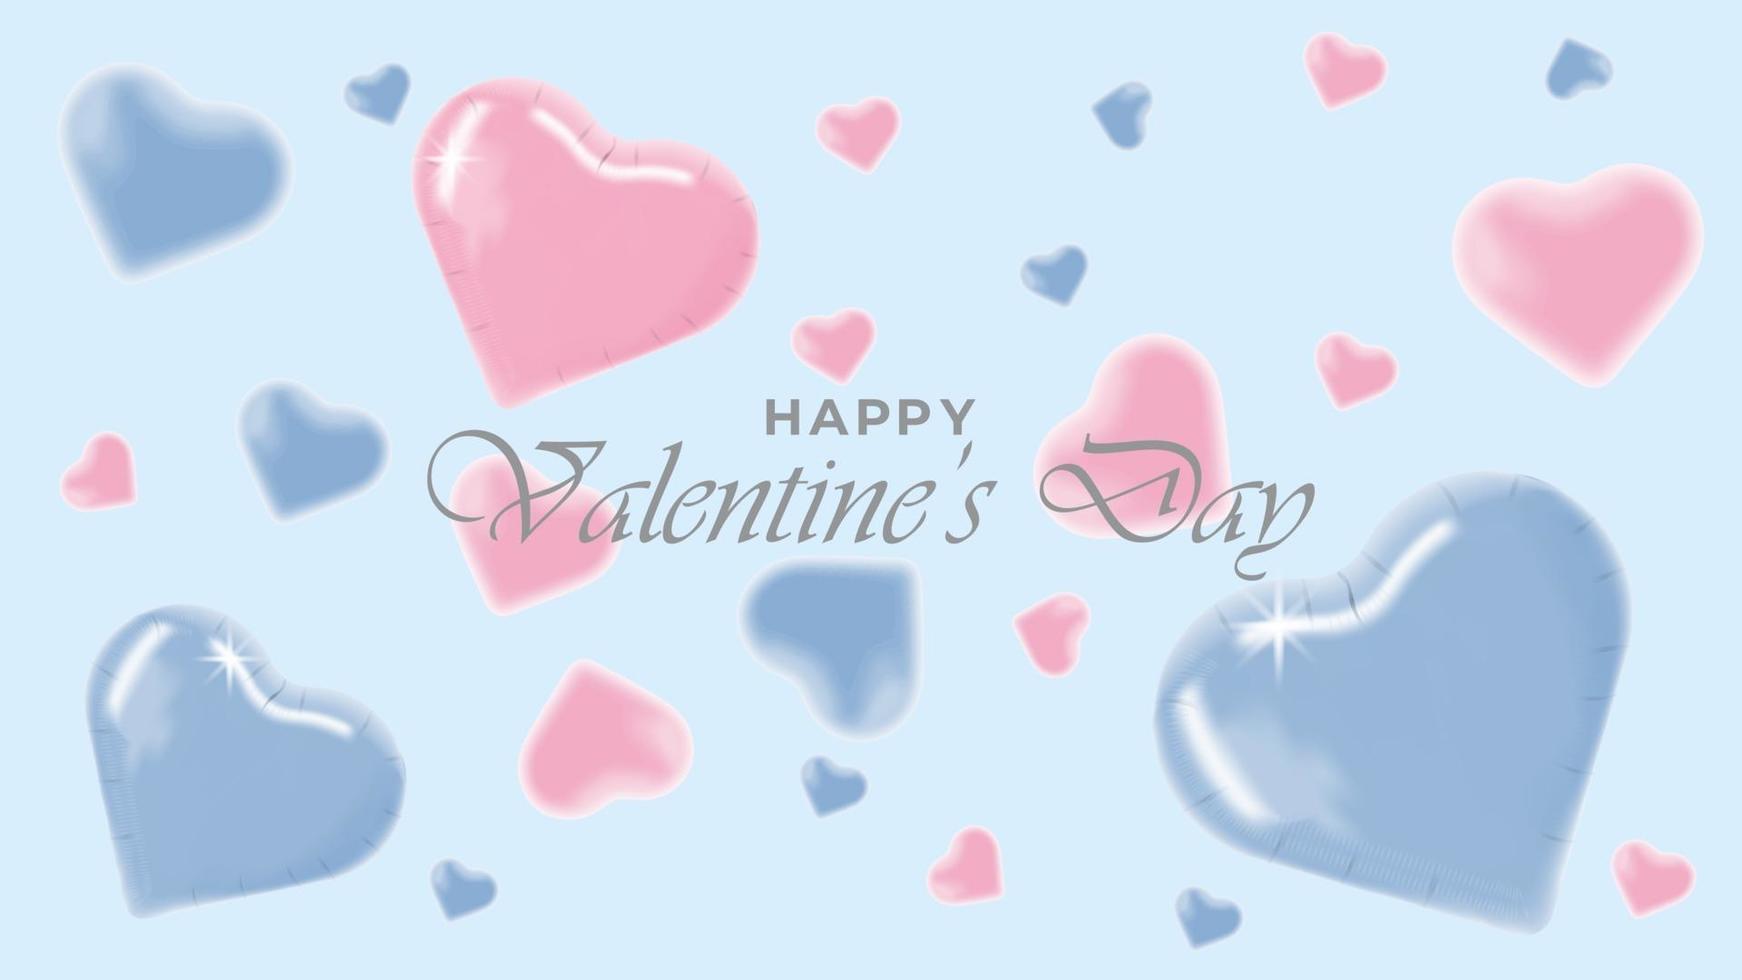 gelukkige valentijnsdag achtergrond met realistische decoratieve ontwerpobjecten vector